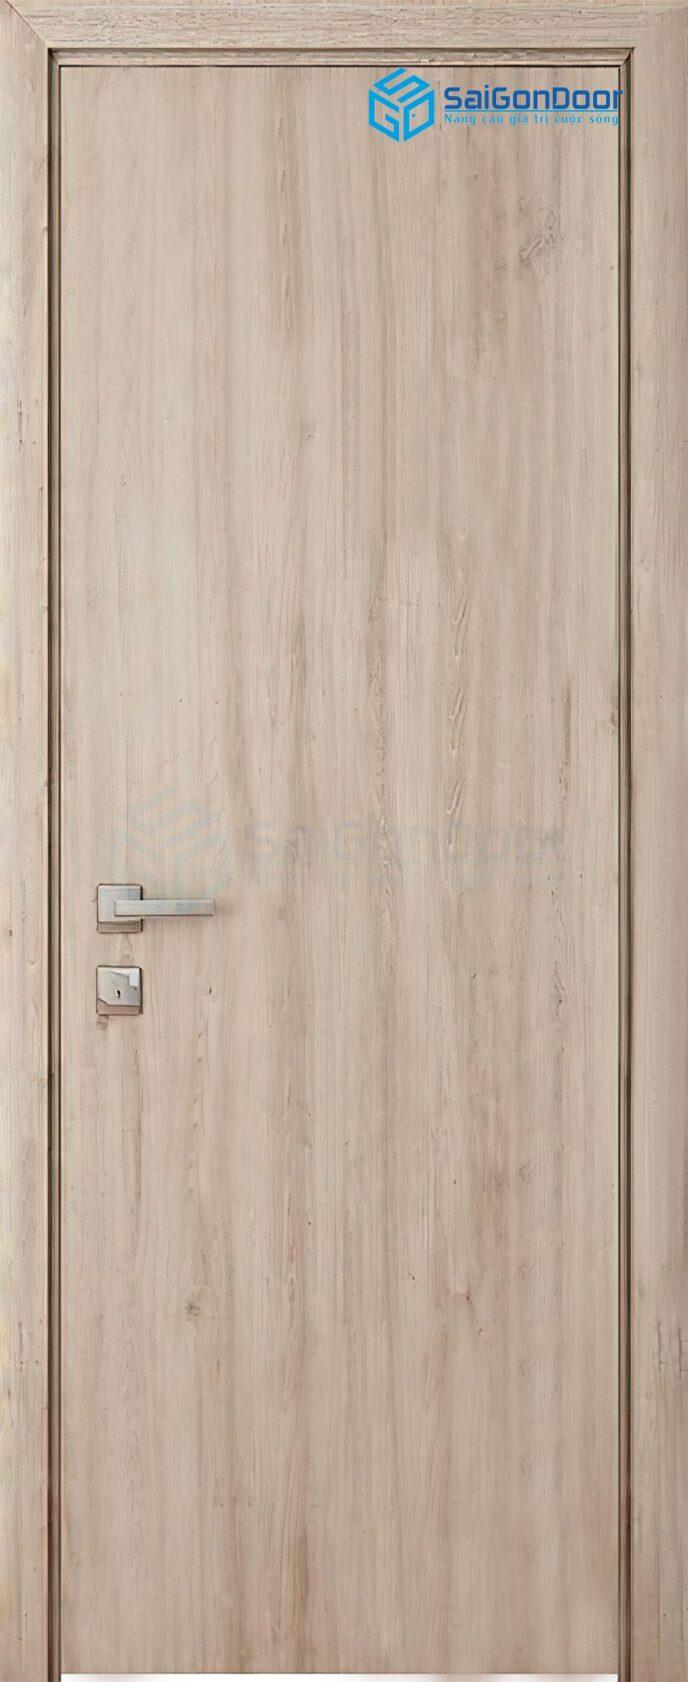 Cửa gỗ cao cấp P1-1